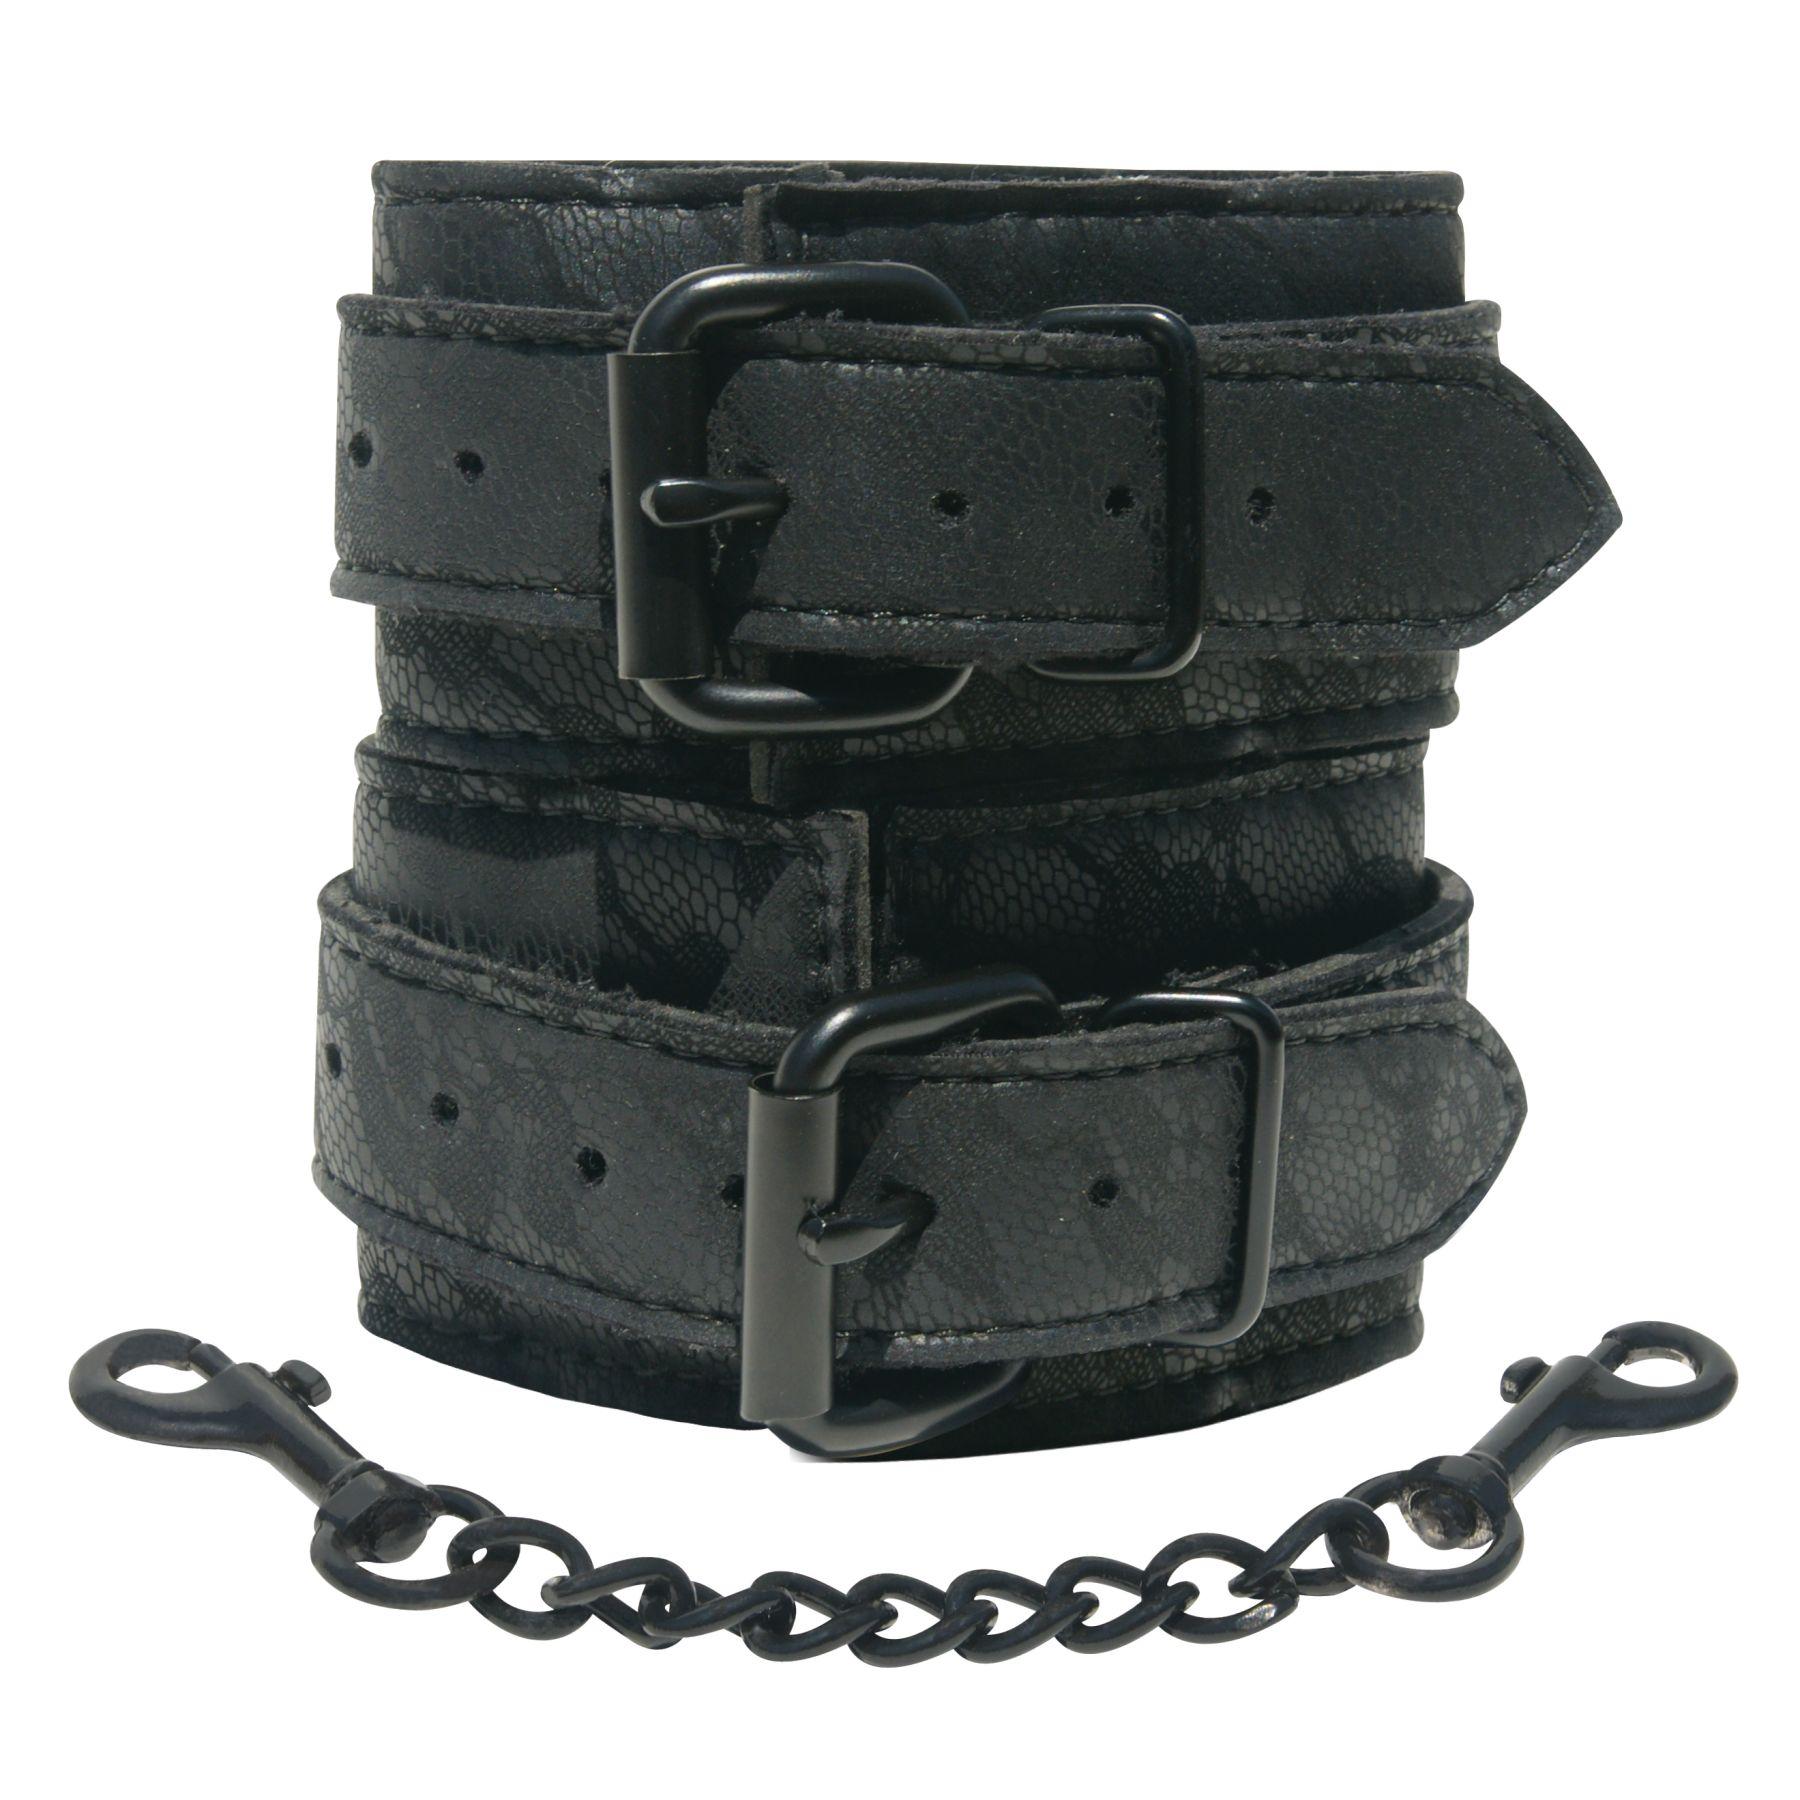 БДСМ наручники - Наручники Sportsheets Midnight Lace Cuffs